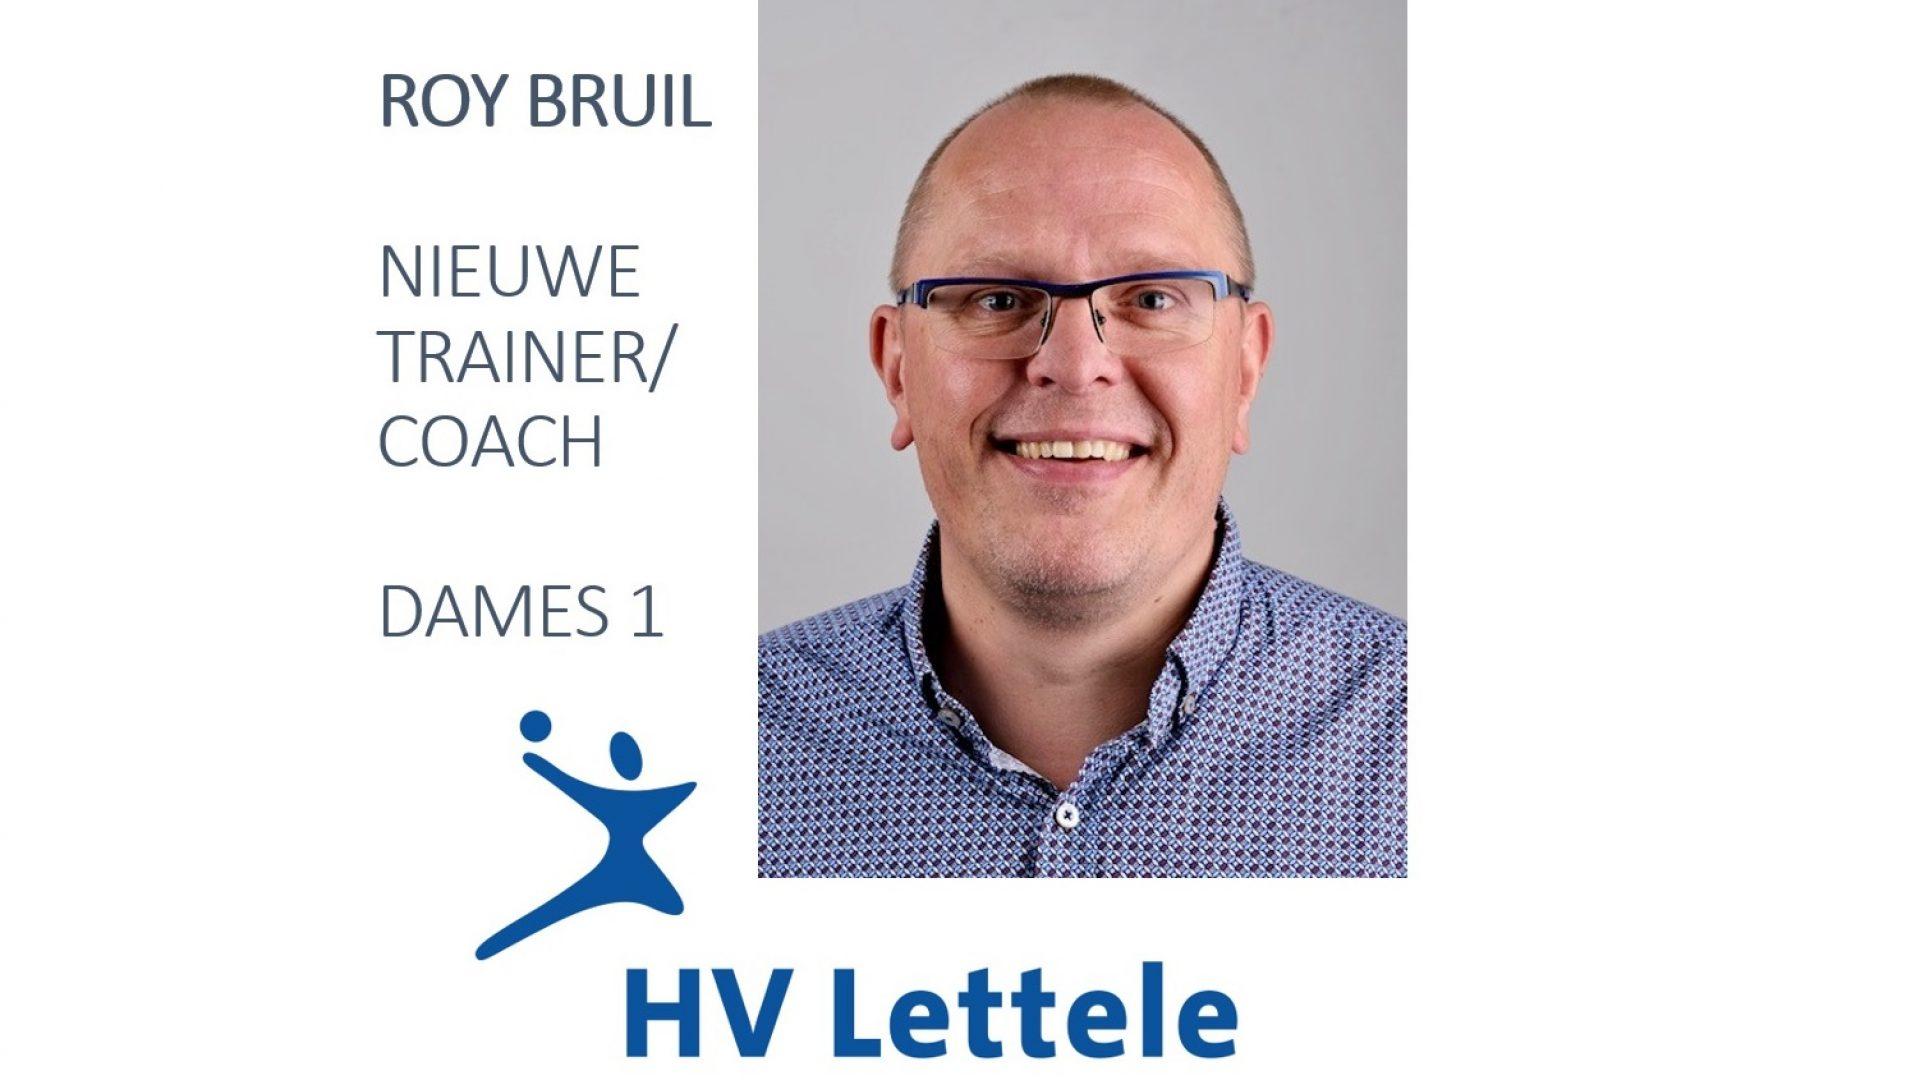 Roy Bruil nieuwe trainer-coach HV Lettele DS1.